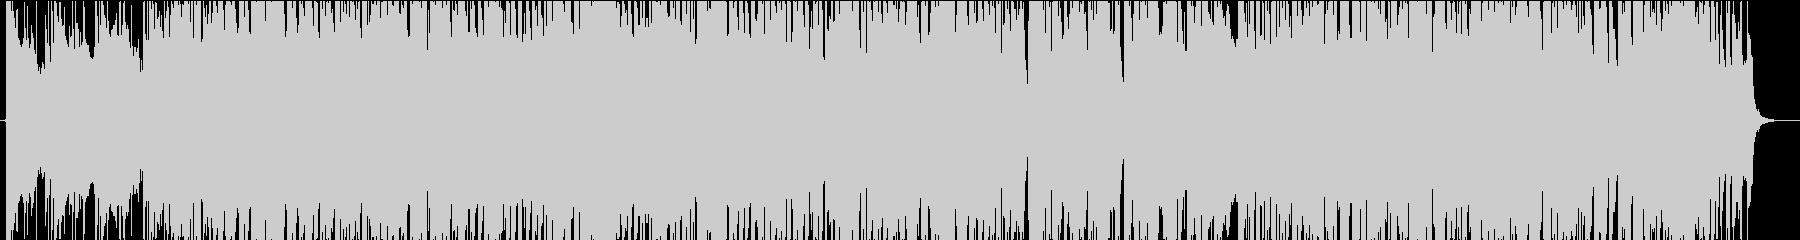 リゾートを意識したリラックスBGMの未再生の波形